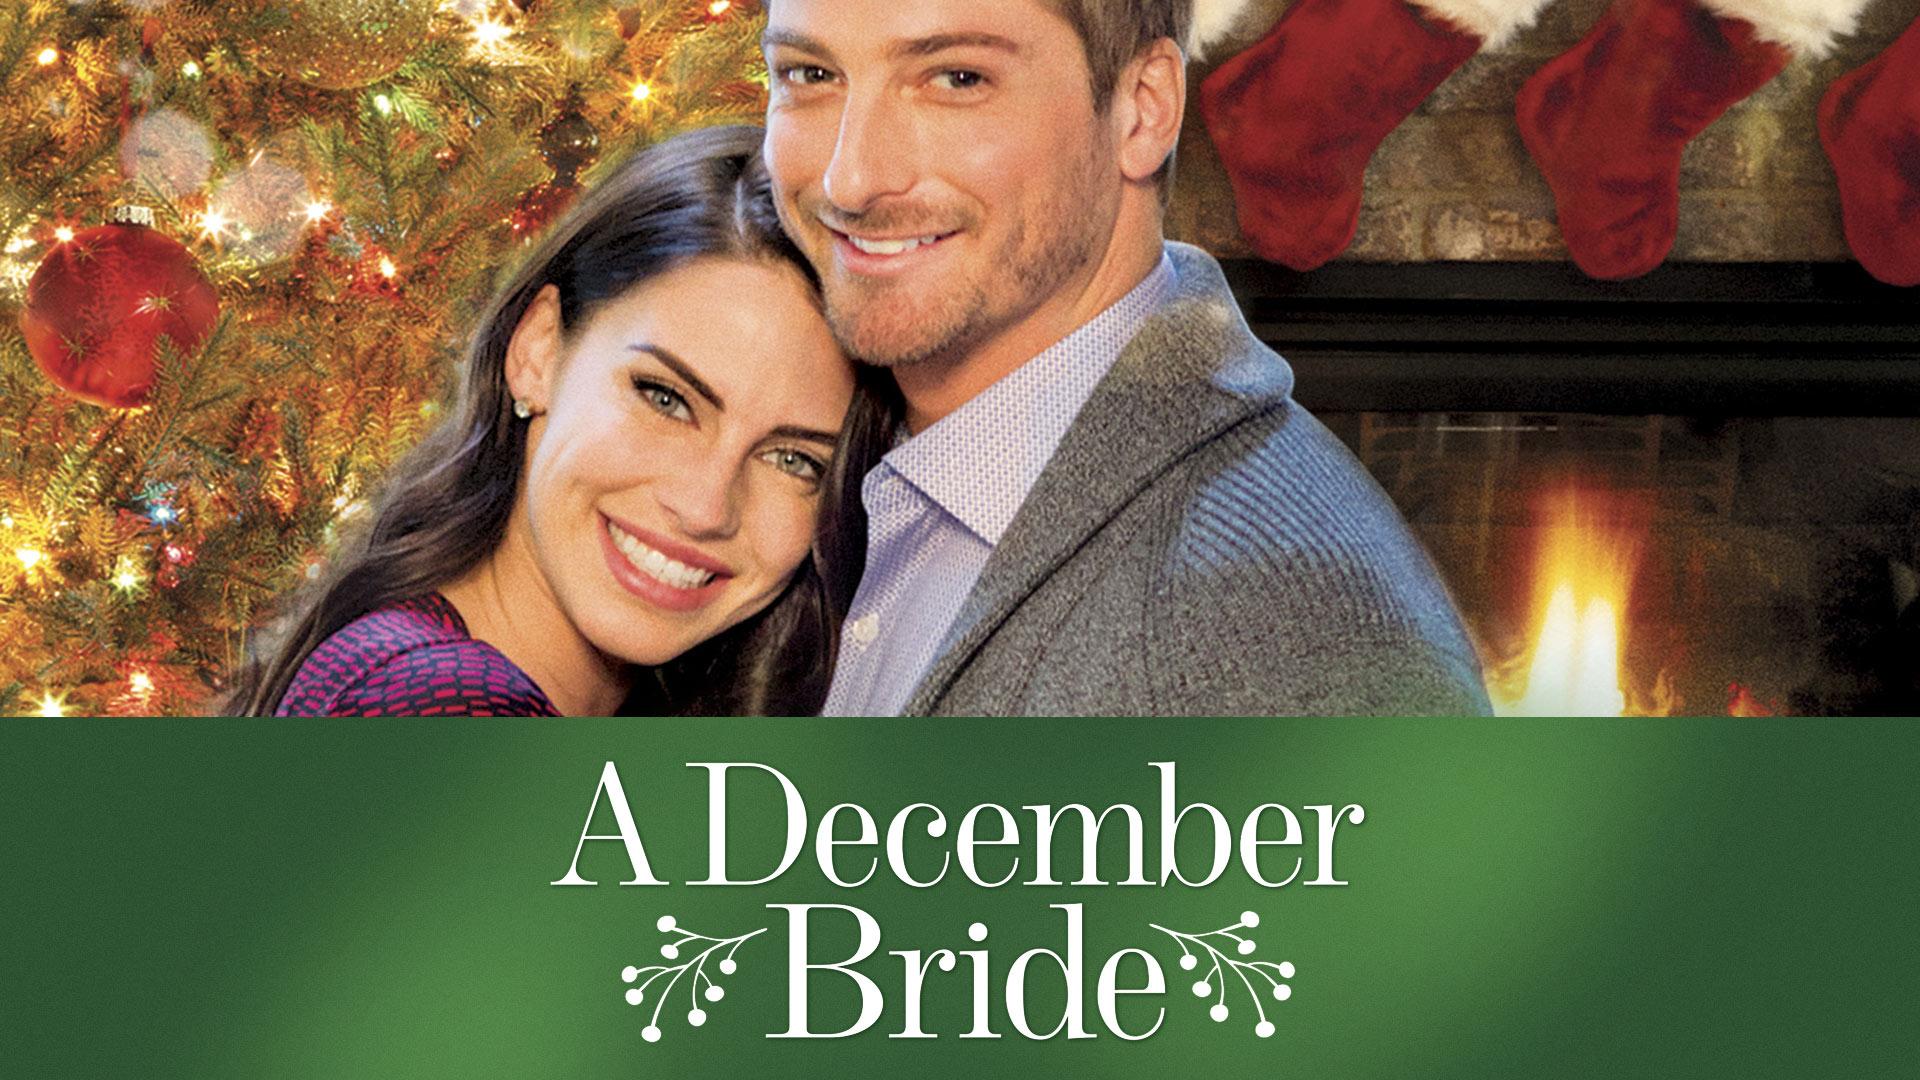 γάμος χωρίς dating IMDB υπηρεσίες γνωριμιών Λας Βέγκας